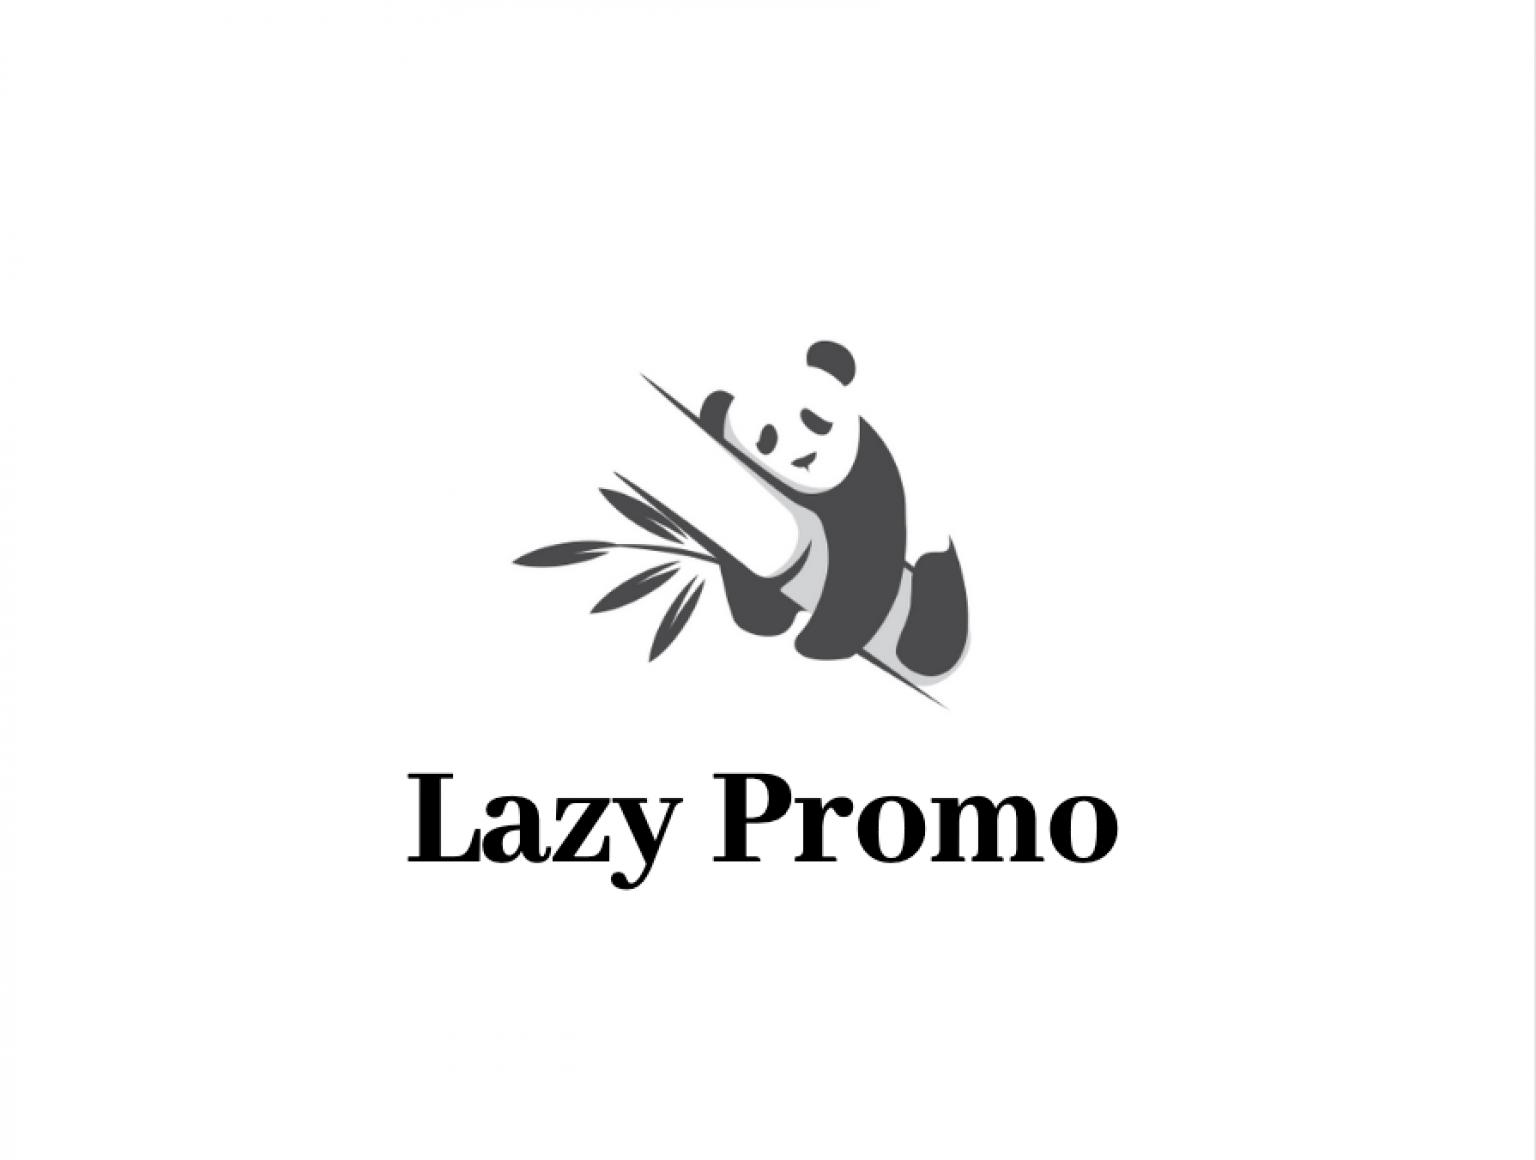 LazyPromo